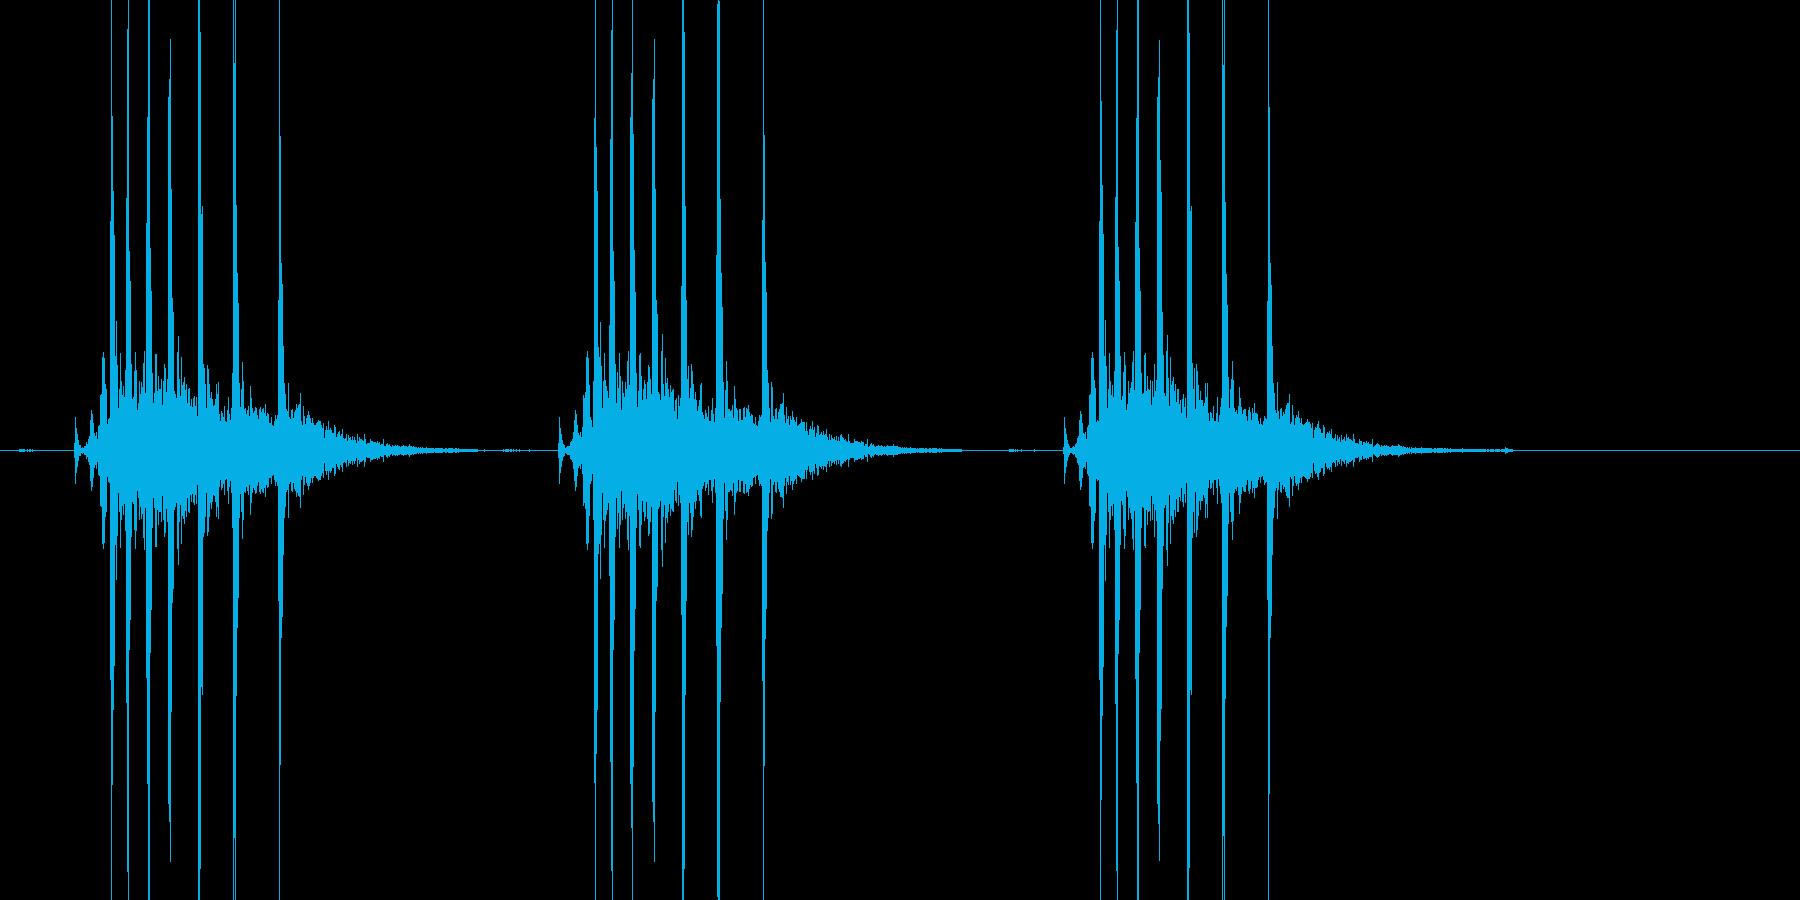 キリキリッ×3(ぜんまい、巻く、3回)の再生済みの波形